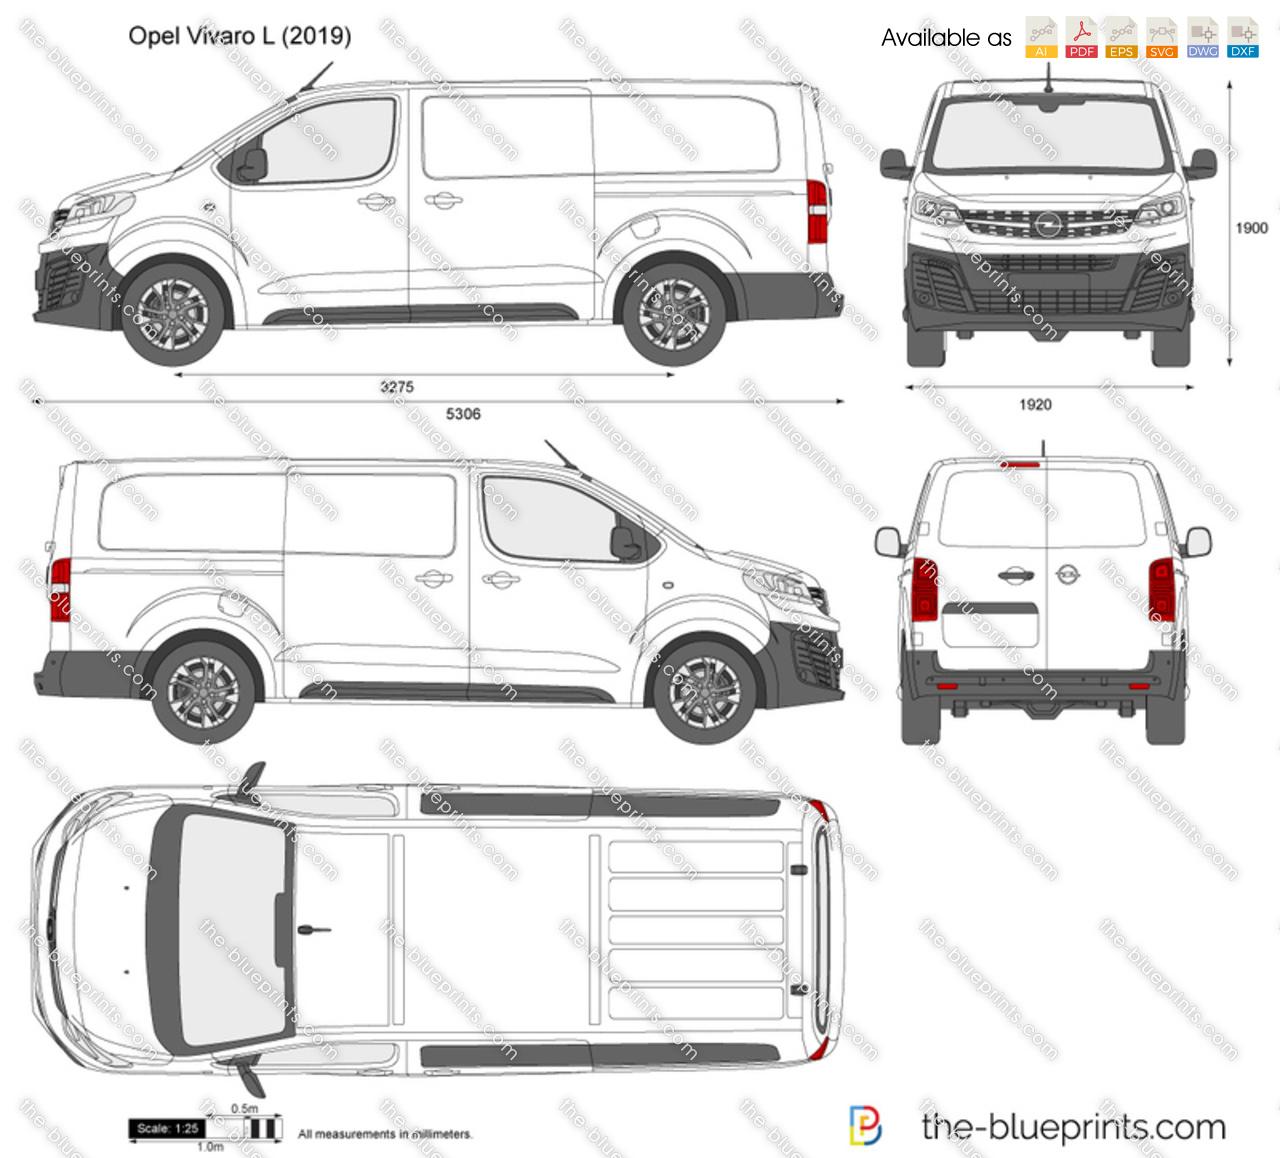 Opel Vivaro L Vector Drawing